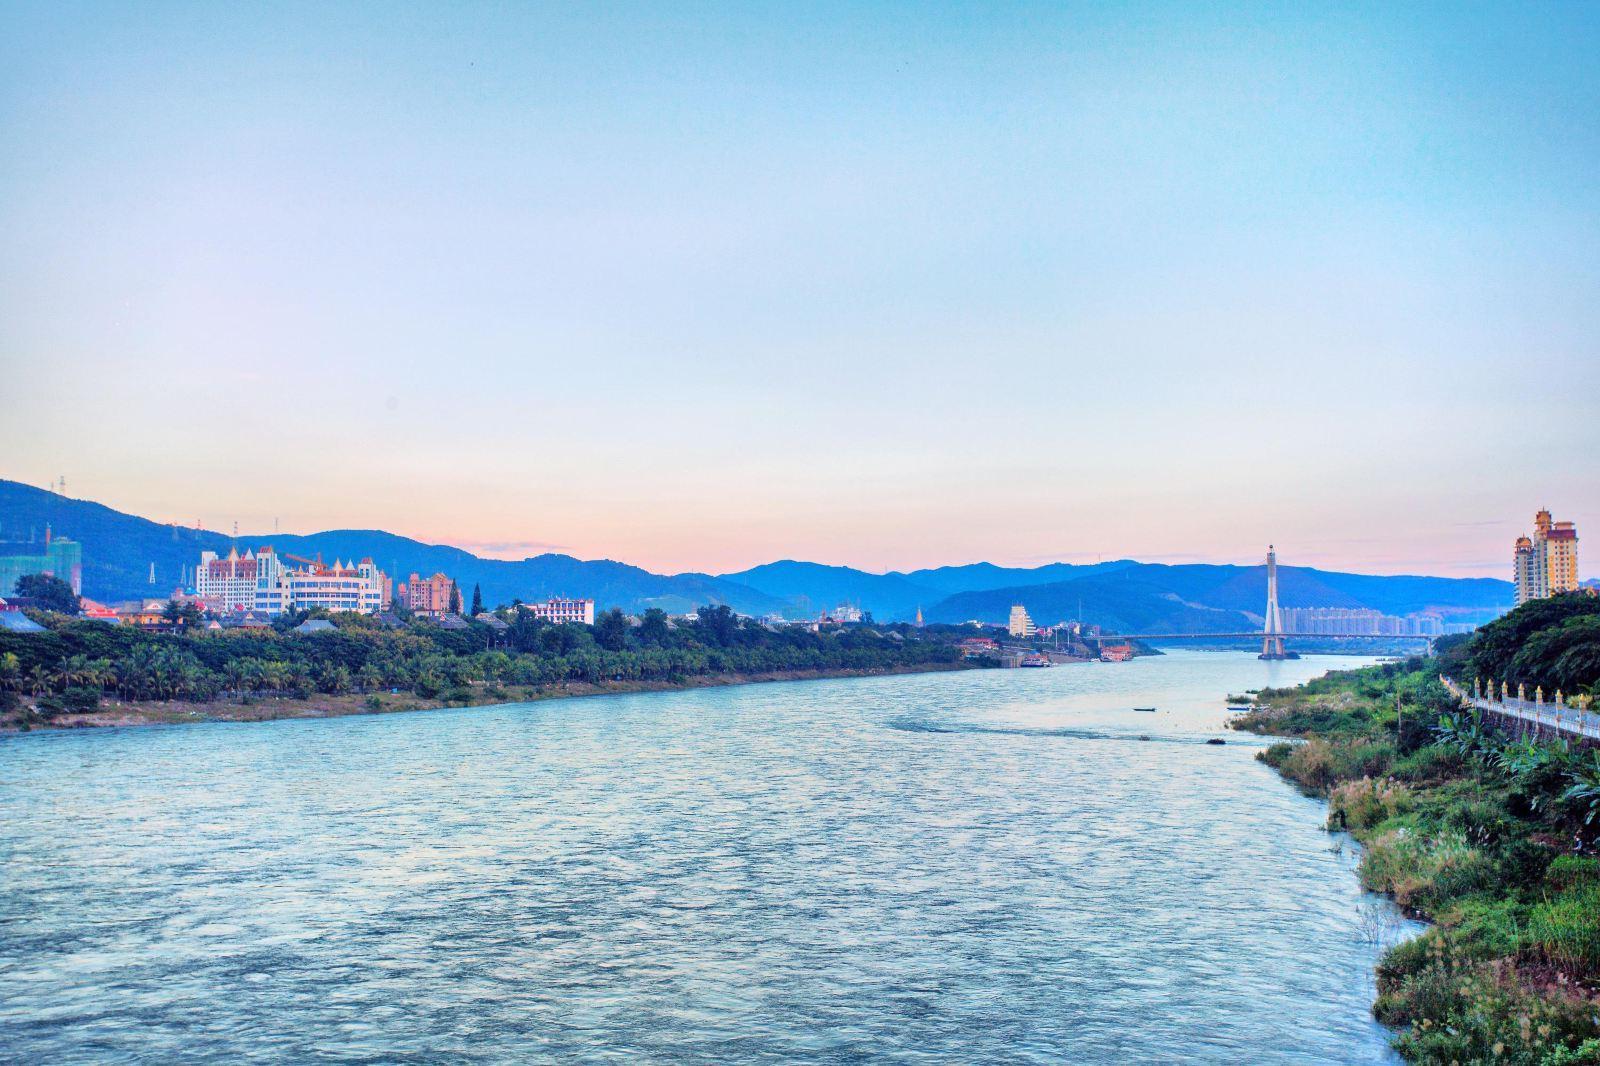 2020国庆去云南旅游合适吗?会被孤立吗